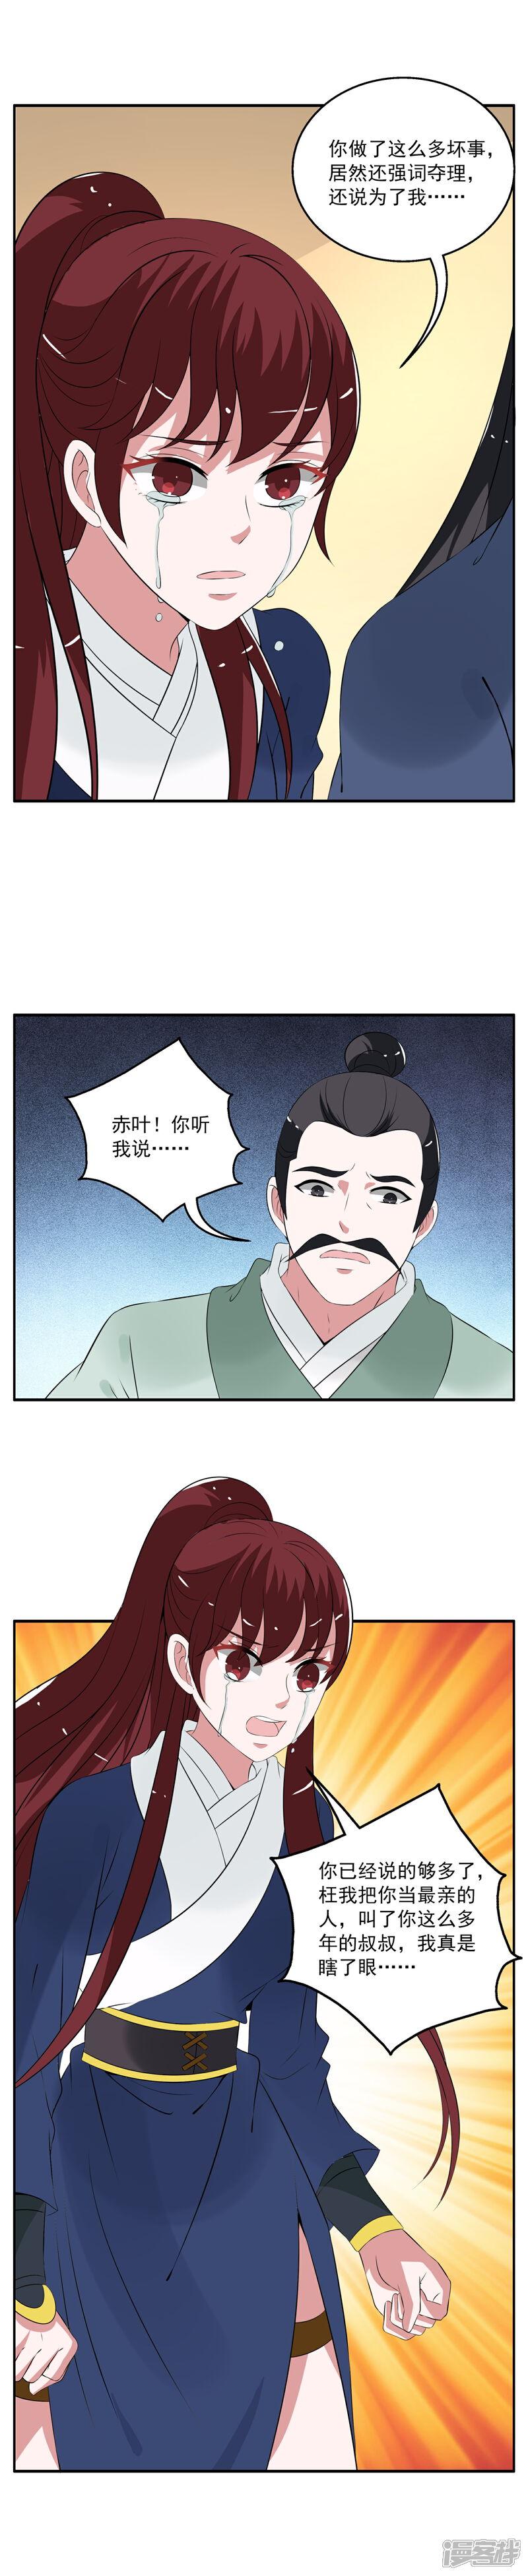 洛小妖186 (3).JPG